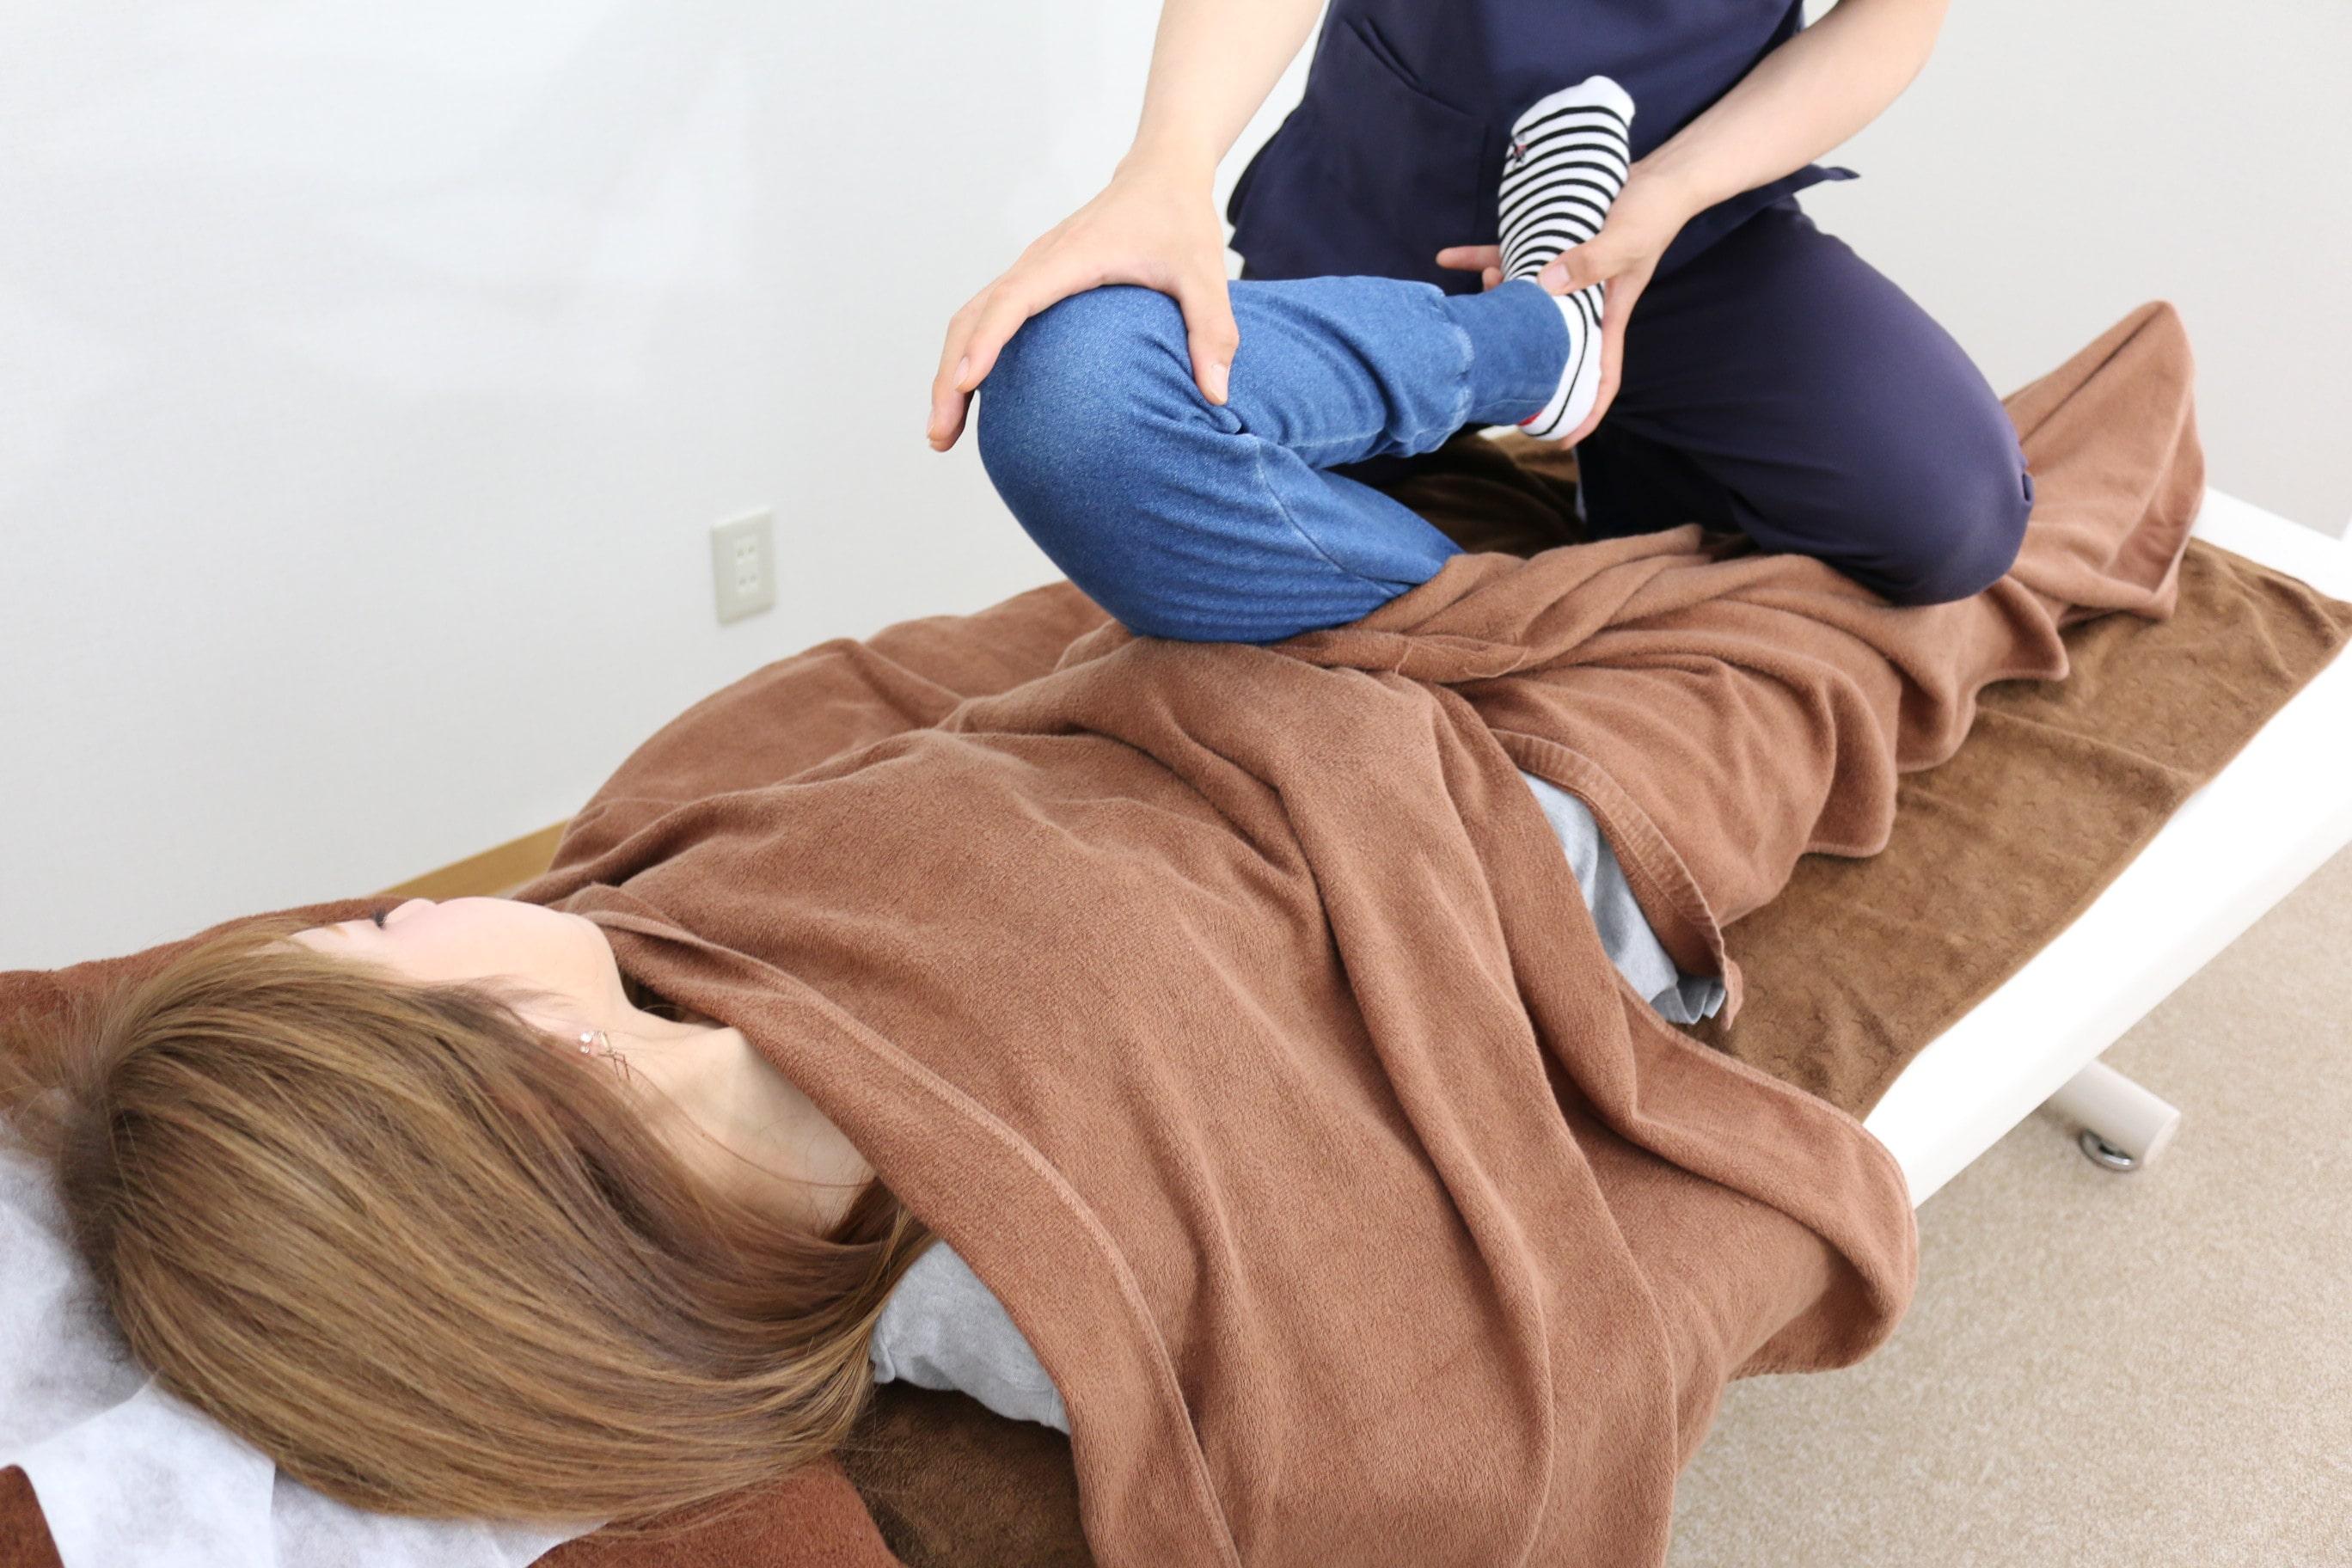 膝痛に対して専門的な手技を行います